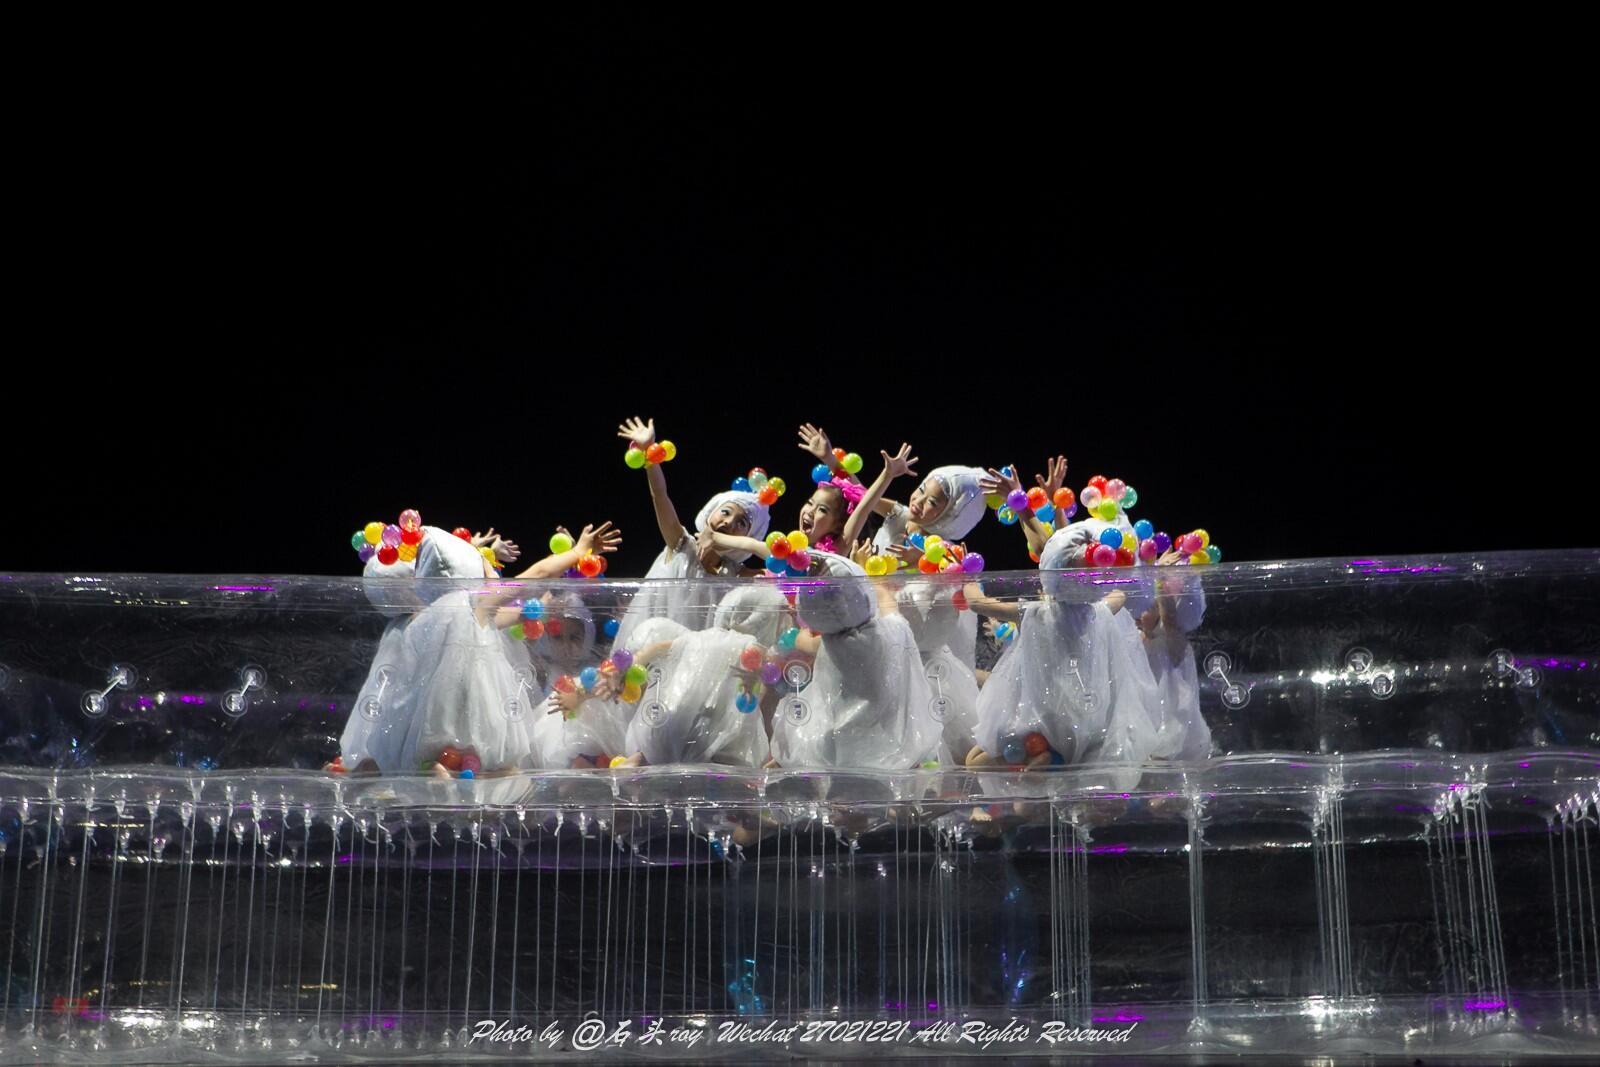 六一热卖泡泡时光演出服第九届小荷风采儿童舞蹈表演服饰新品包邮